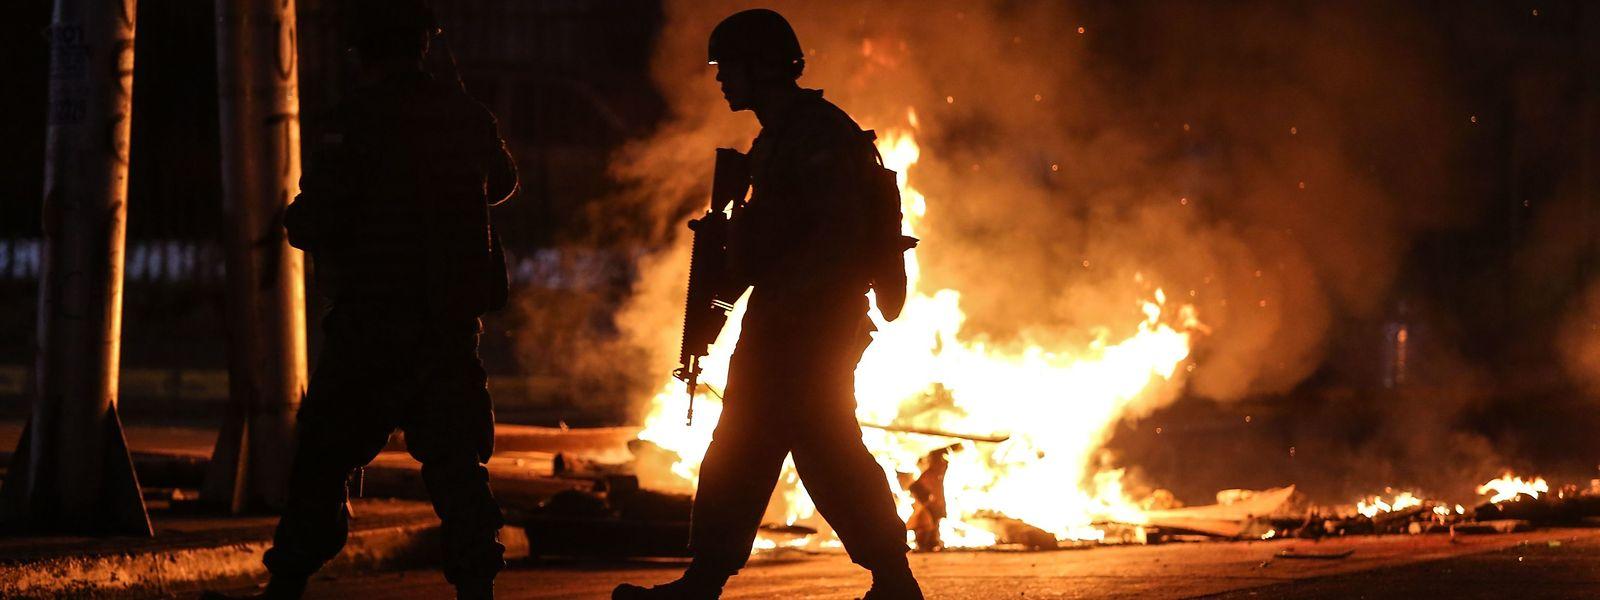 Soldaten patrouillieren in Concepción in Chile. In der Stadt am Río Bío Bío kam es zu Plünderungen und Brandlegungen.